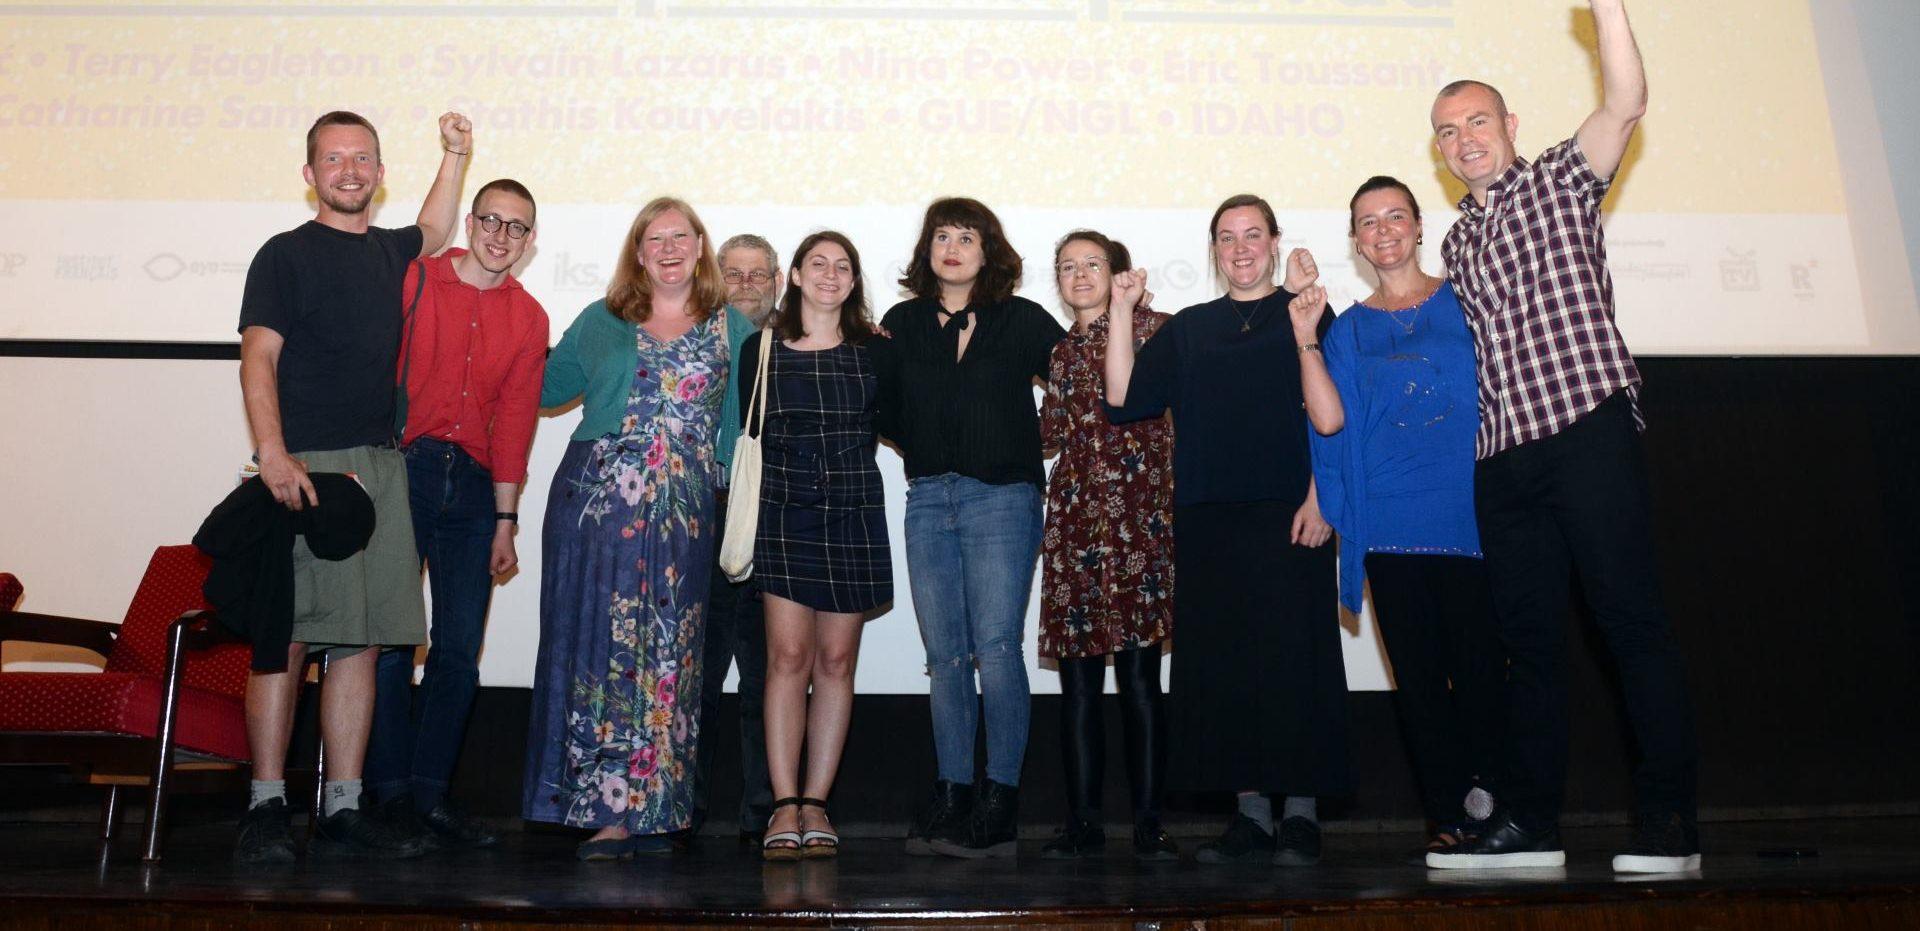 SUBVERSIVE FILM FESTIVAL Održana svečana dodjela nagrada Wild Dreamer